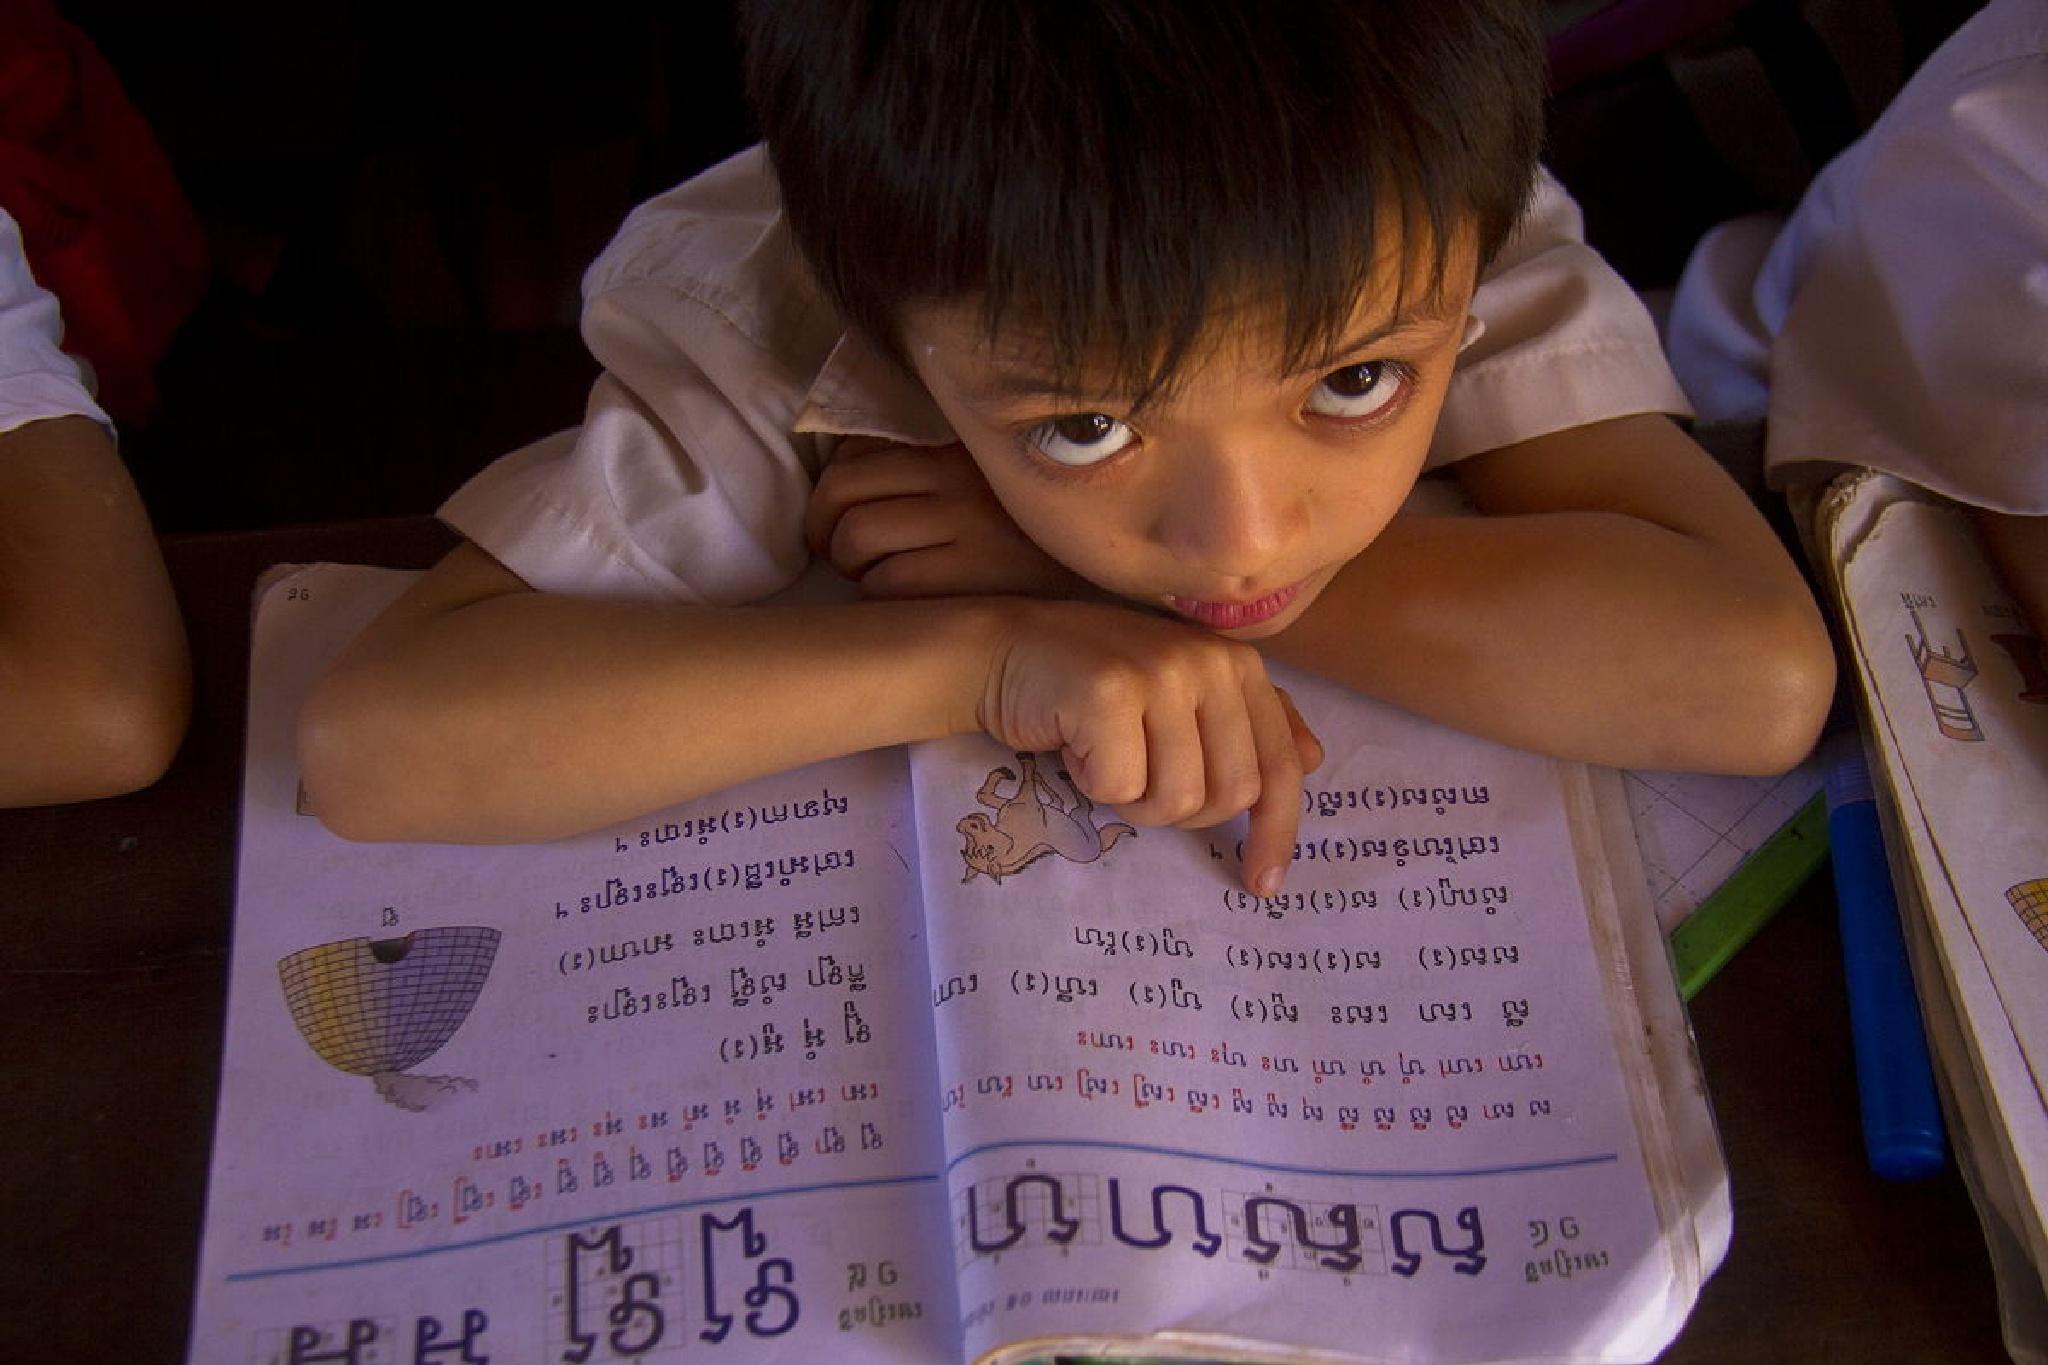 カンボジアの肖像20151229XXX by wwfax photography